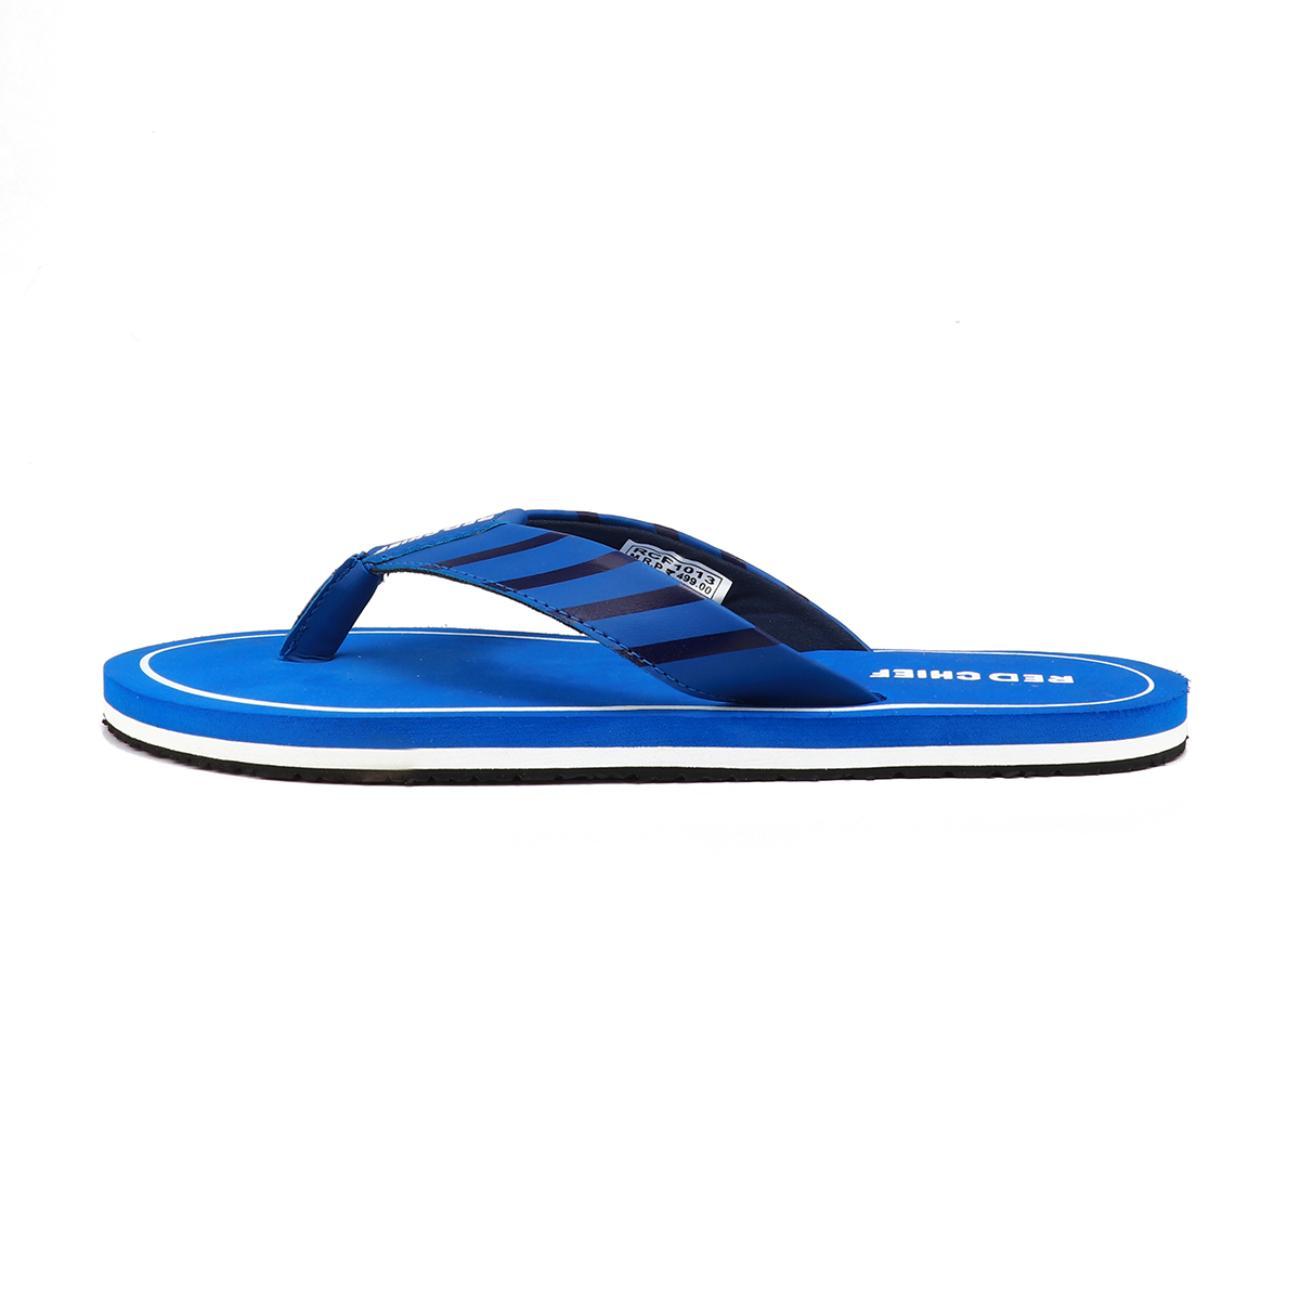 navy blue men's flip flop top view